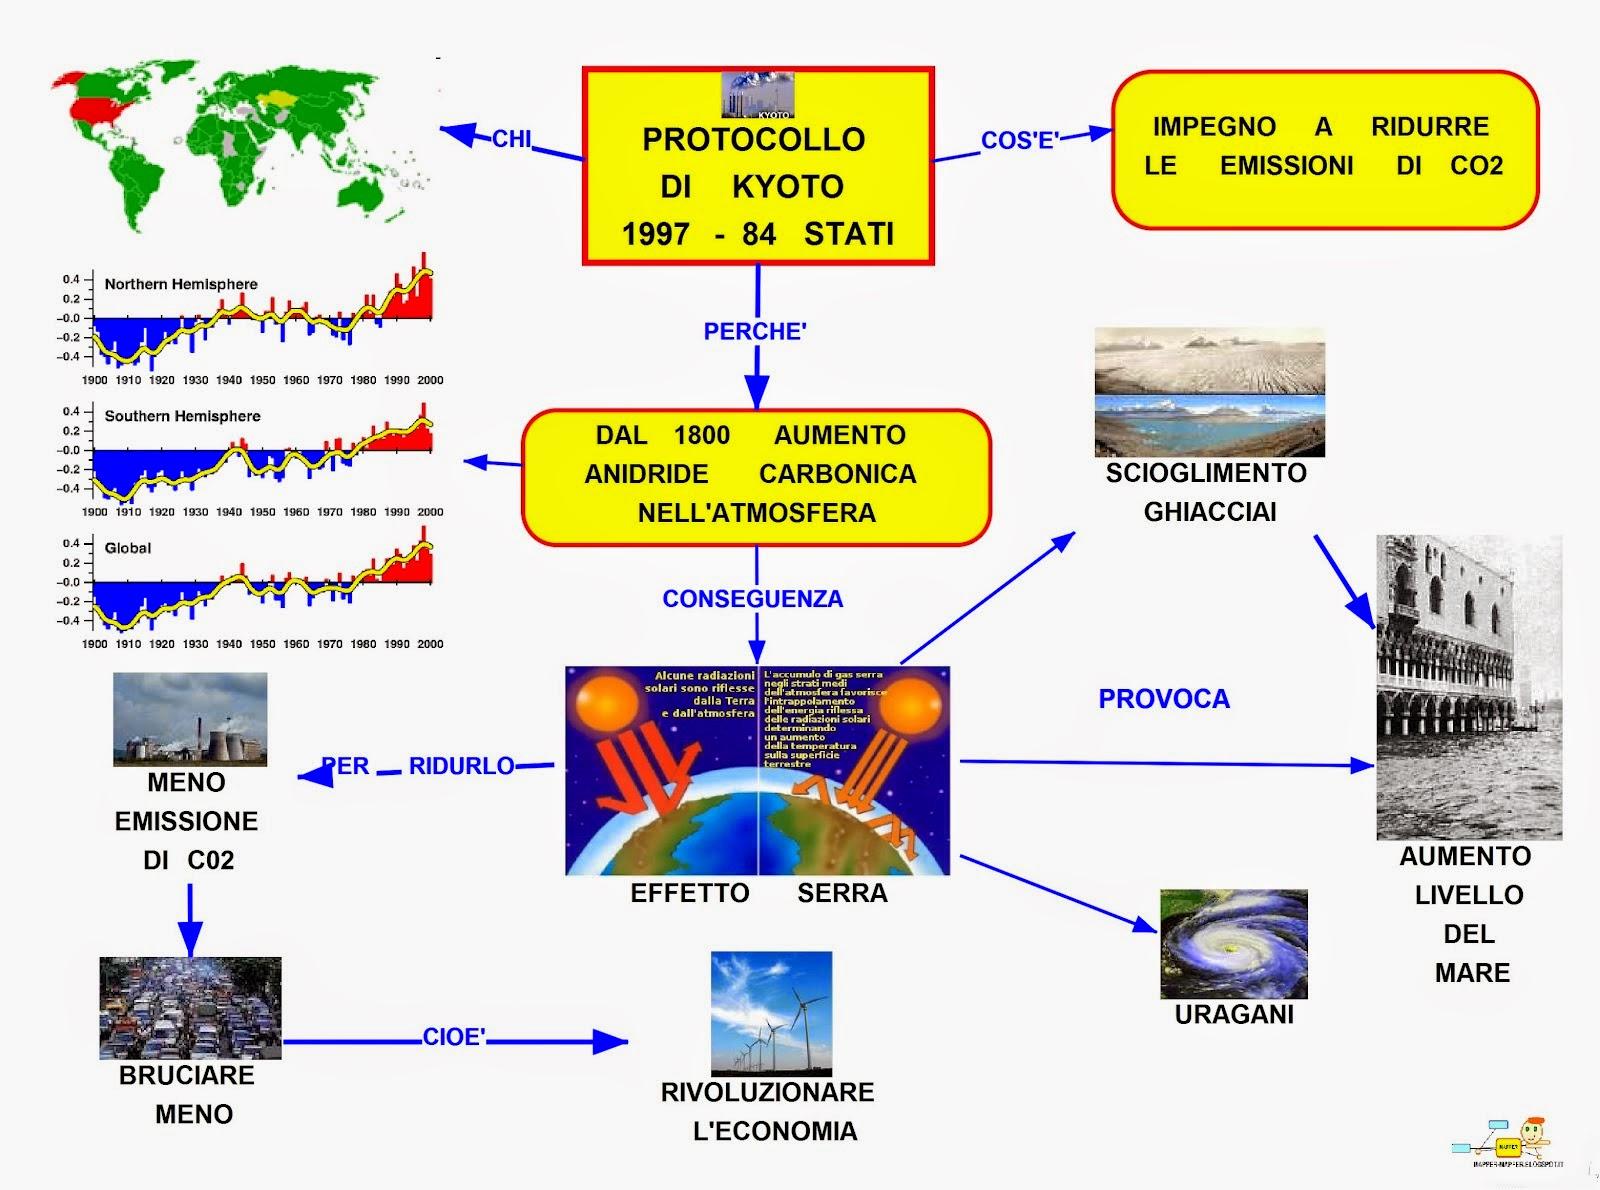 Mappa Concettuale Protocollo Di Kyoto Scuolissimacom